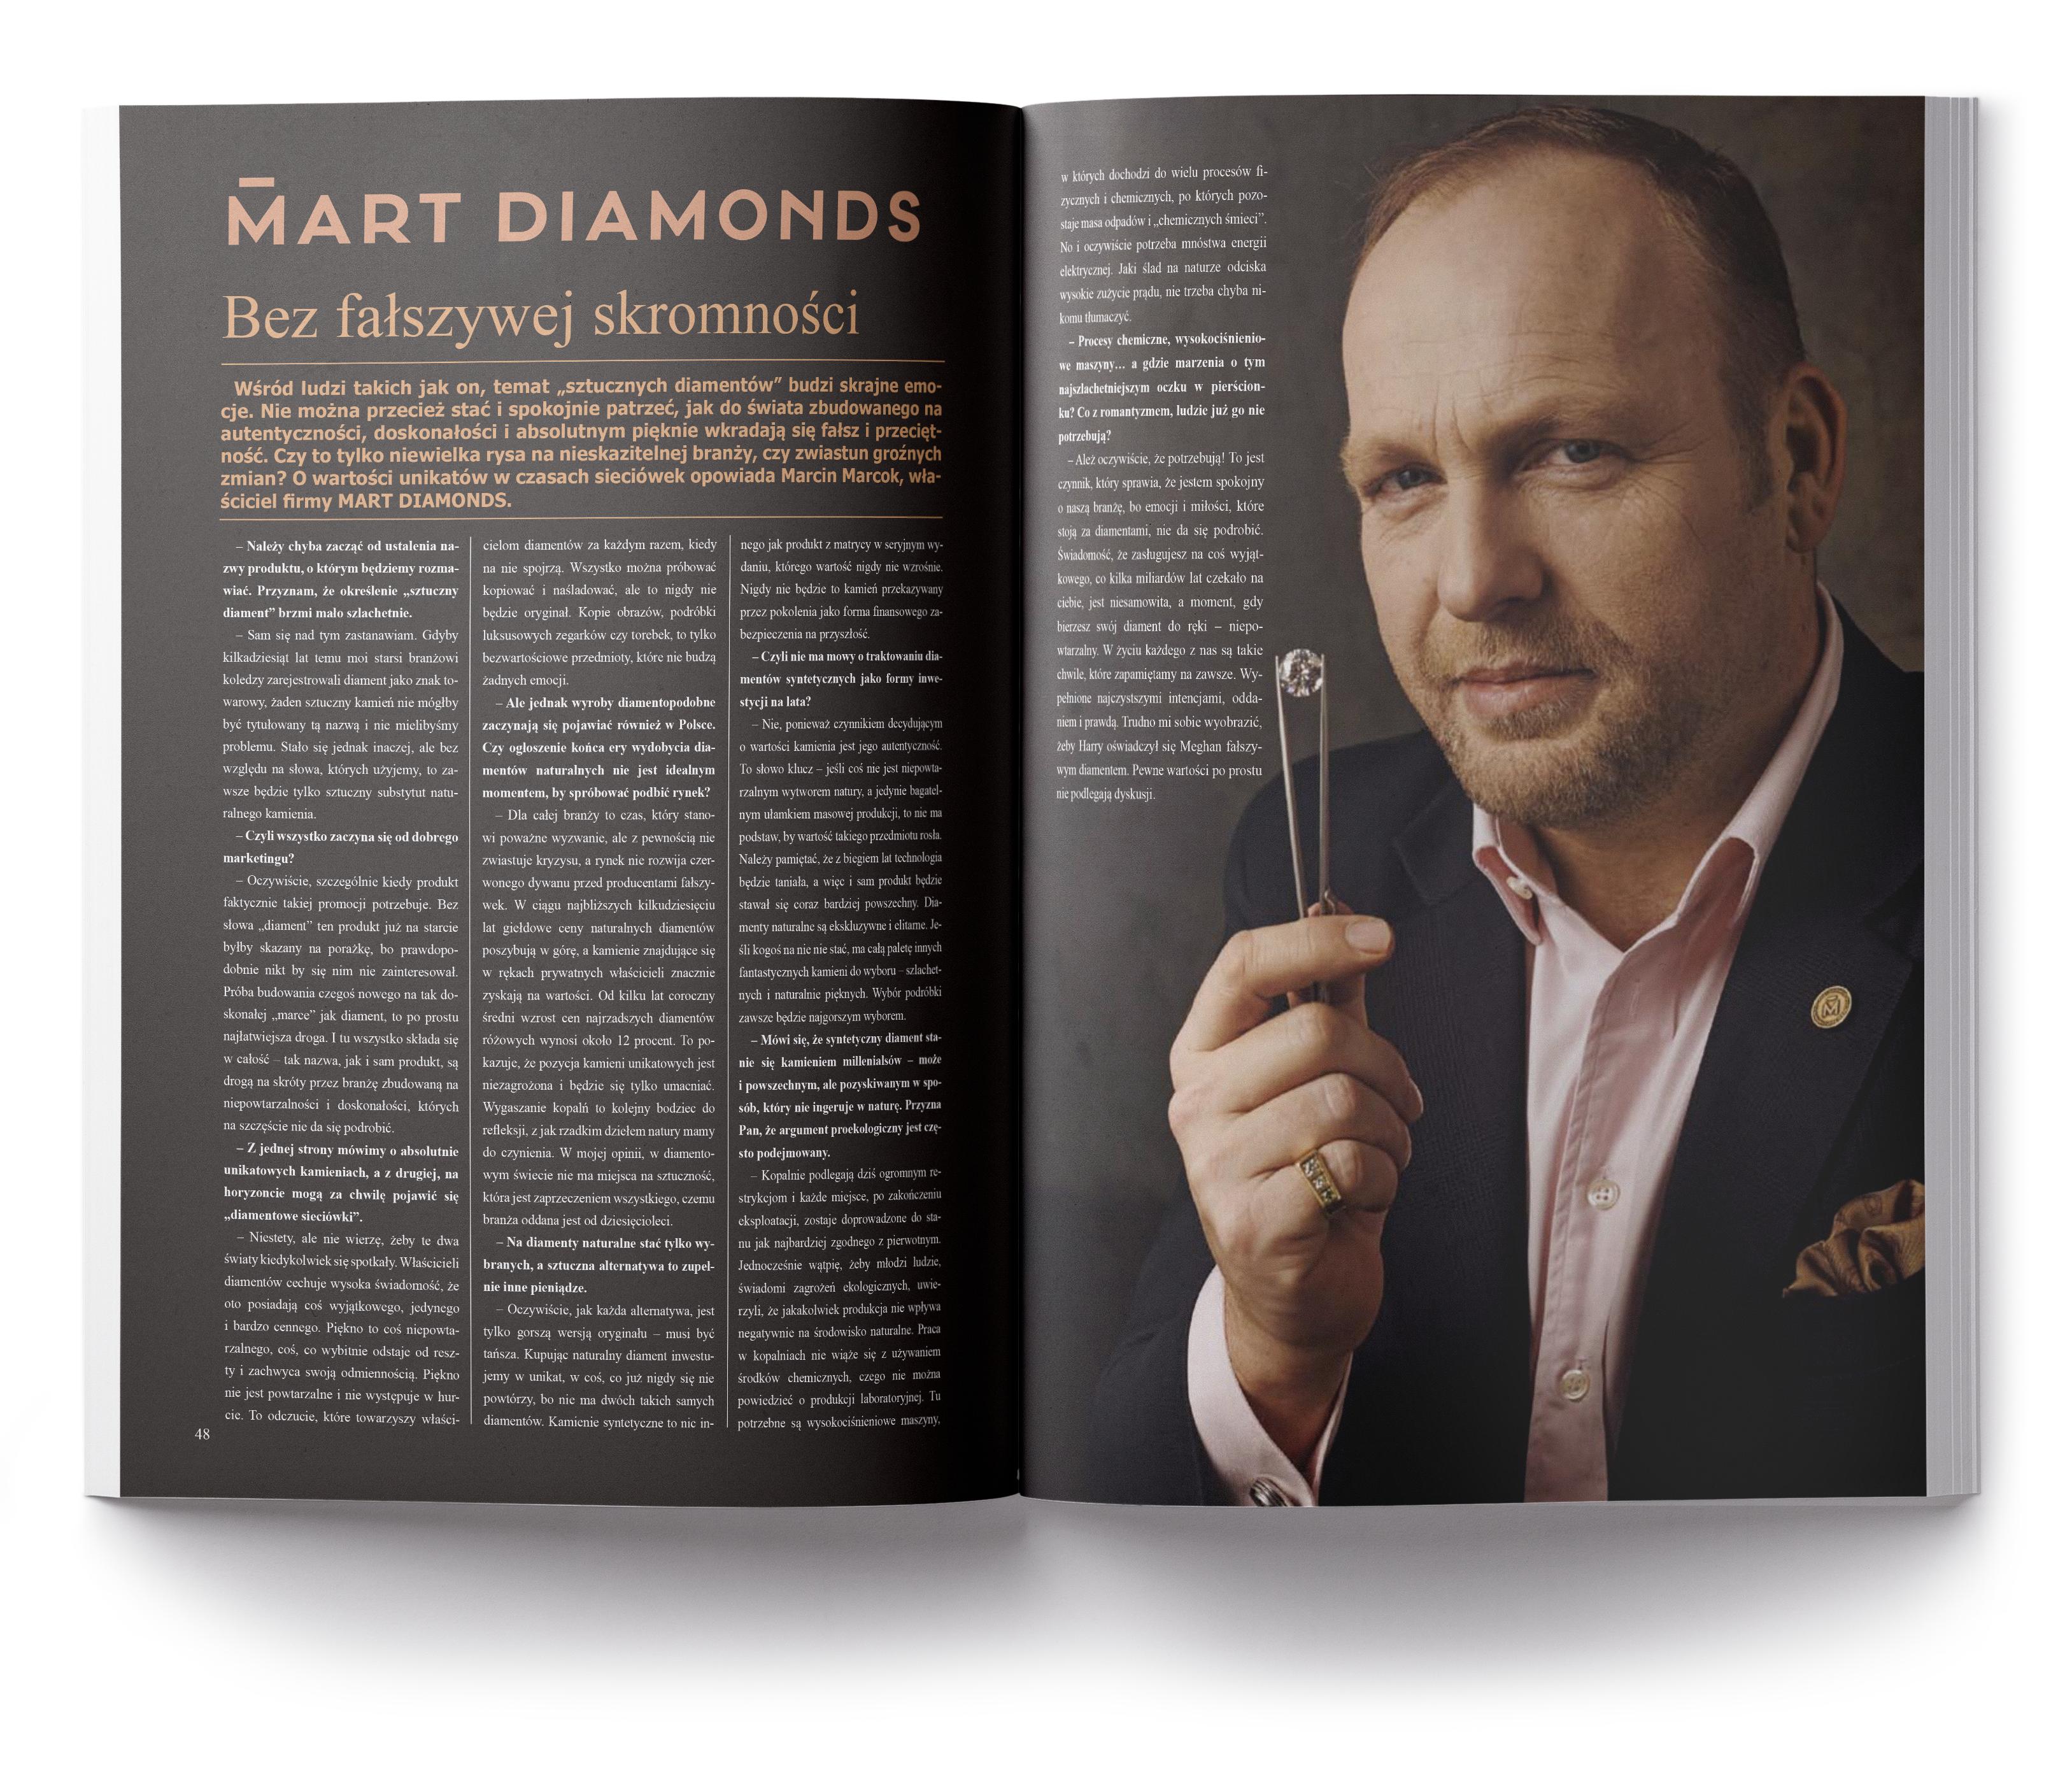 Sztuczne diamenty wywiad Marcin Marcok